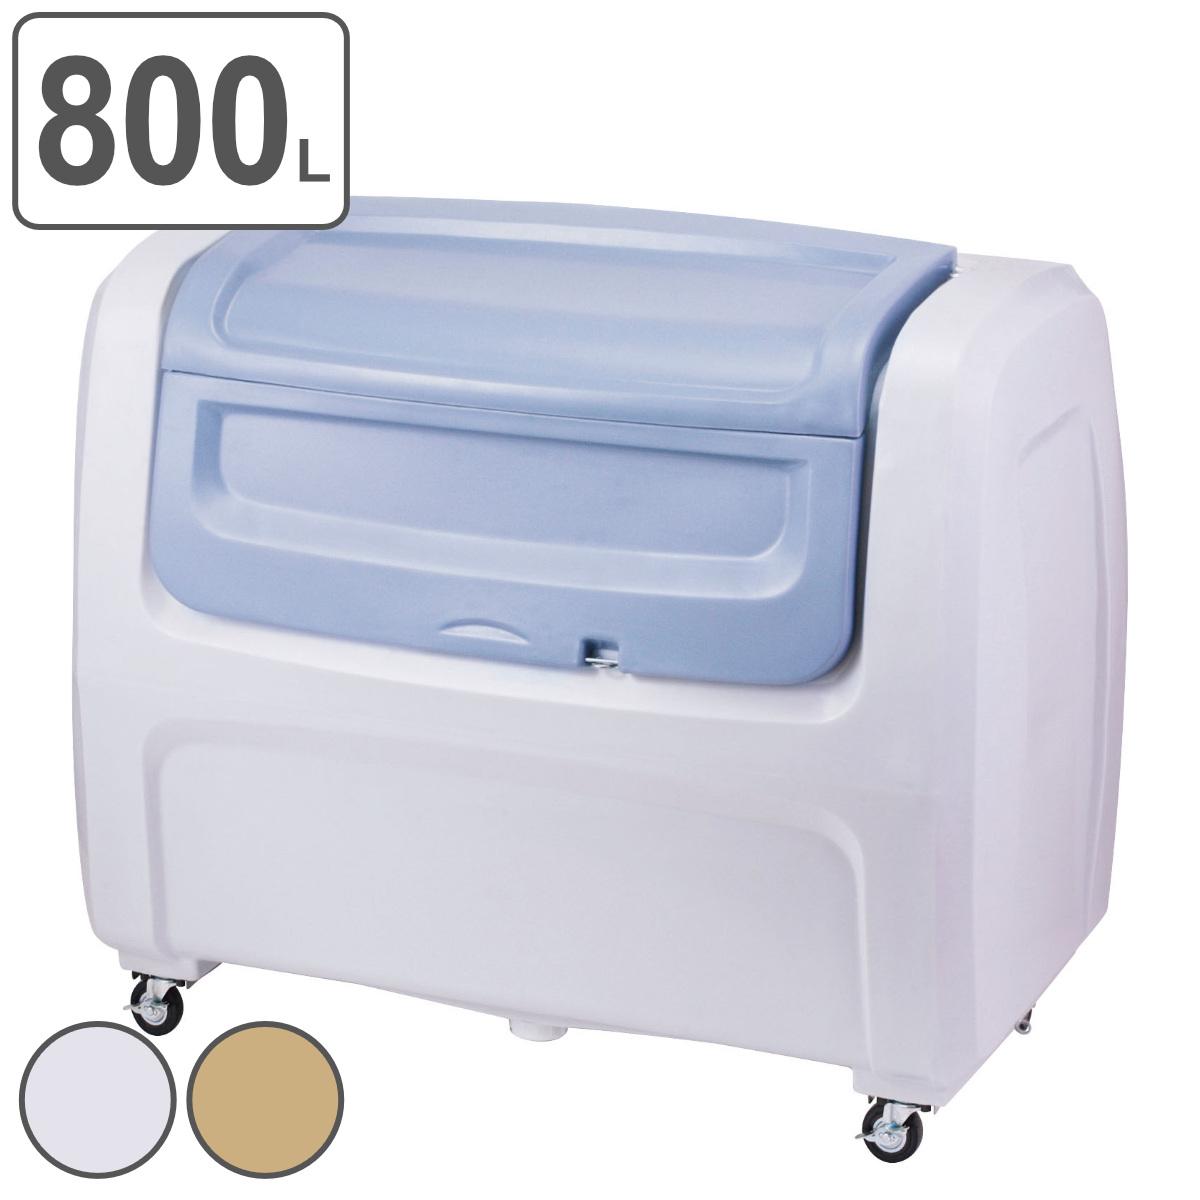 ダストボックスDX #800 (大型ゴミ箱 回収用 キャスター付き 山崎産業 送料無料 )